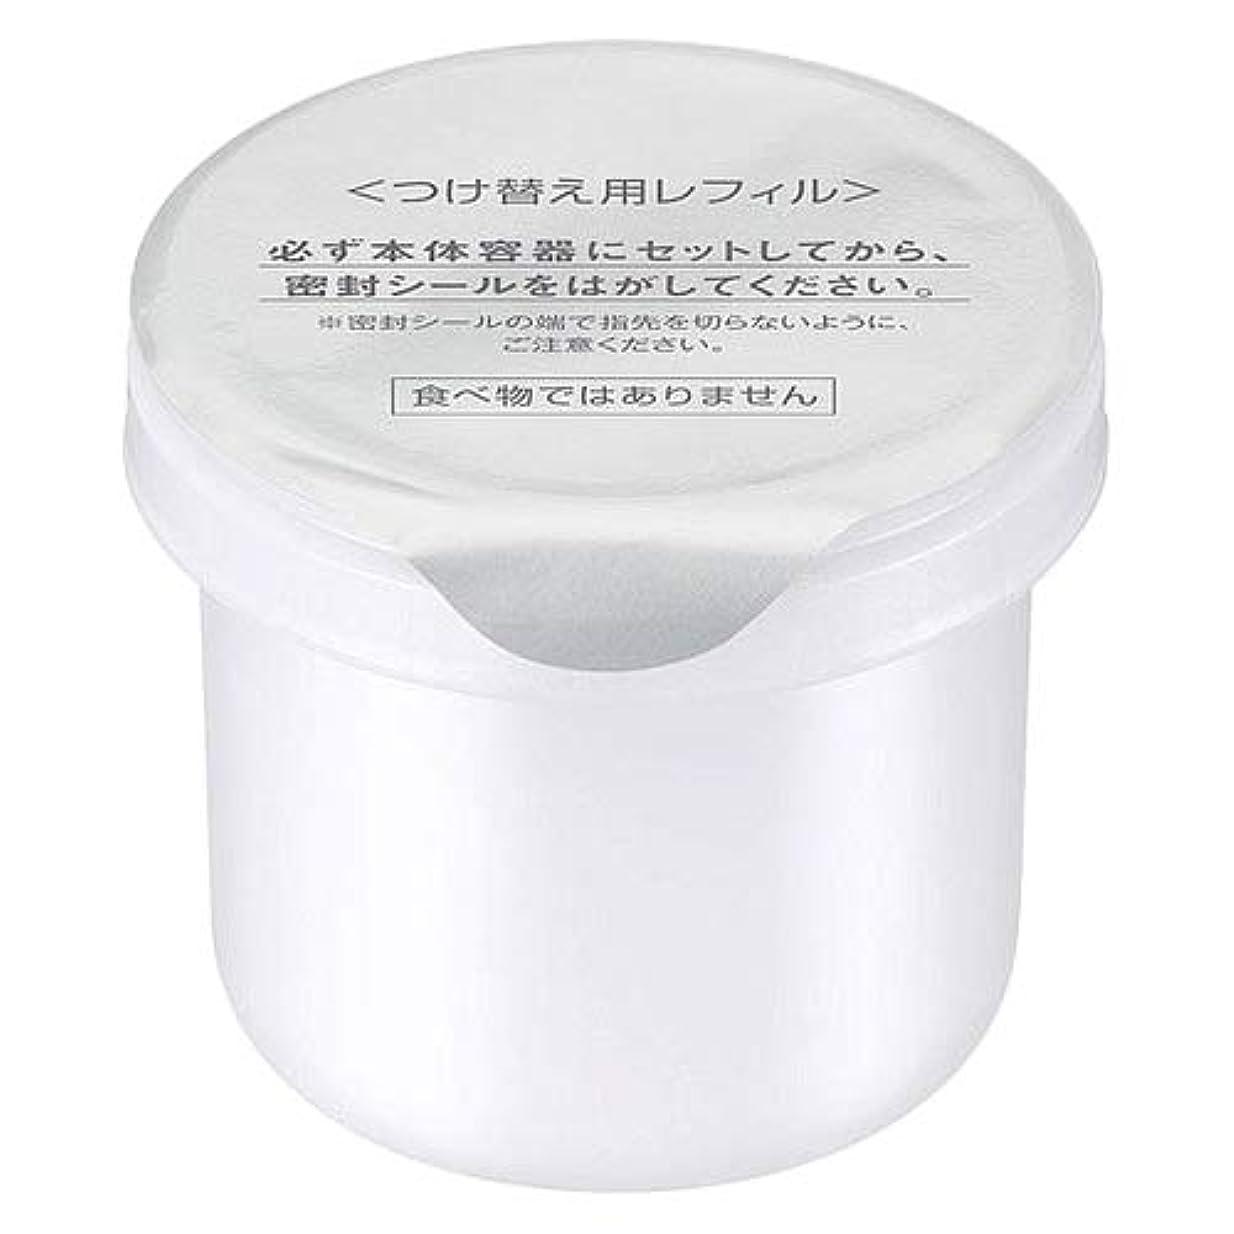 類推ちょっと待って一見カネボウ デュウ KANEBO DEW ブライトニングクリーム (レフィル) 30g [並行輸入品]